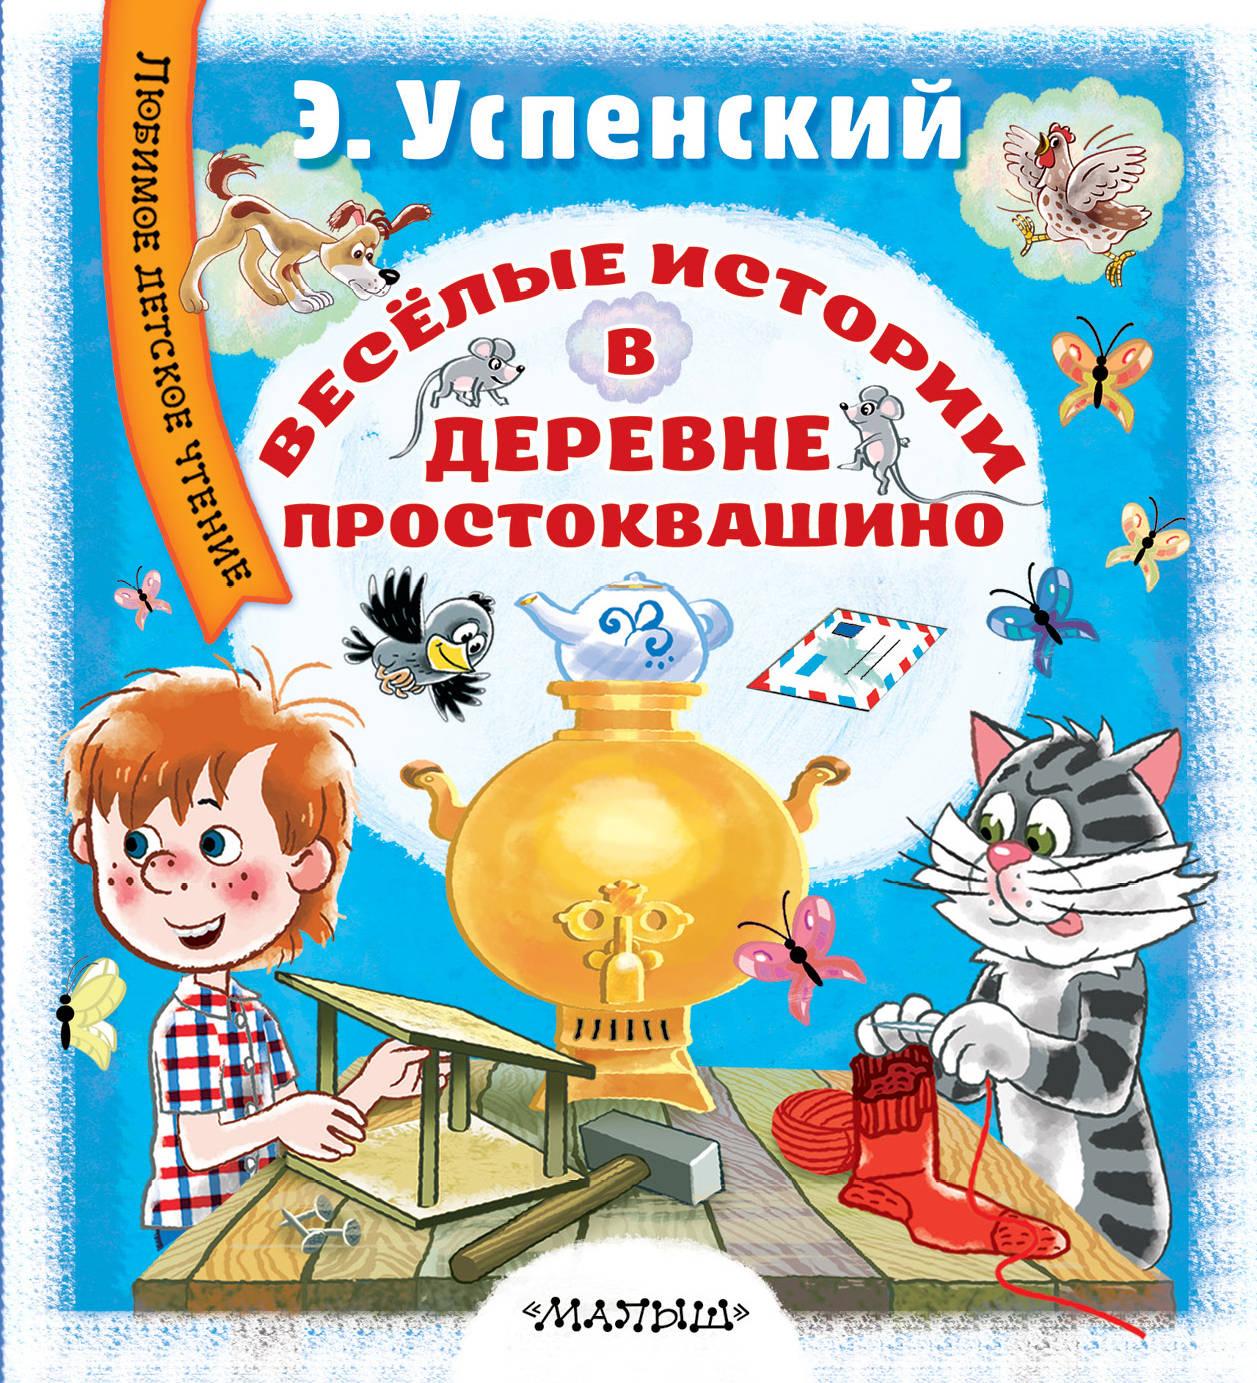 Веселые истории в деревне Простоквашино